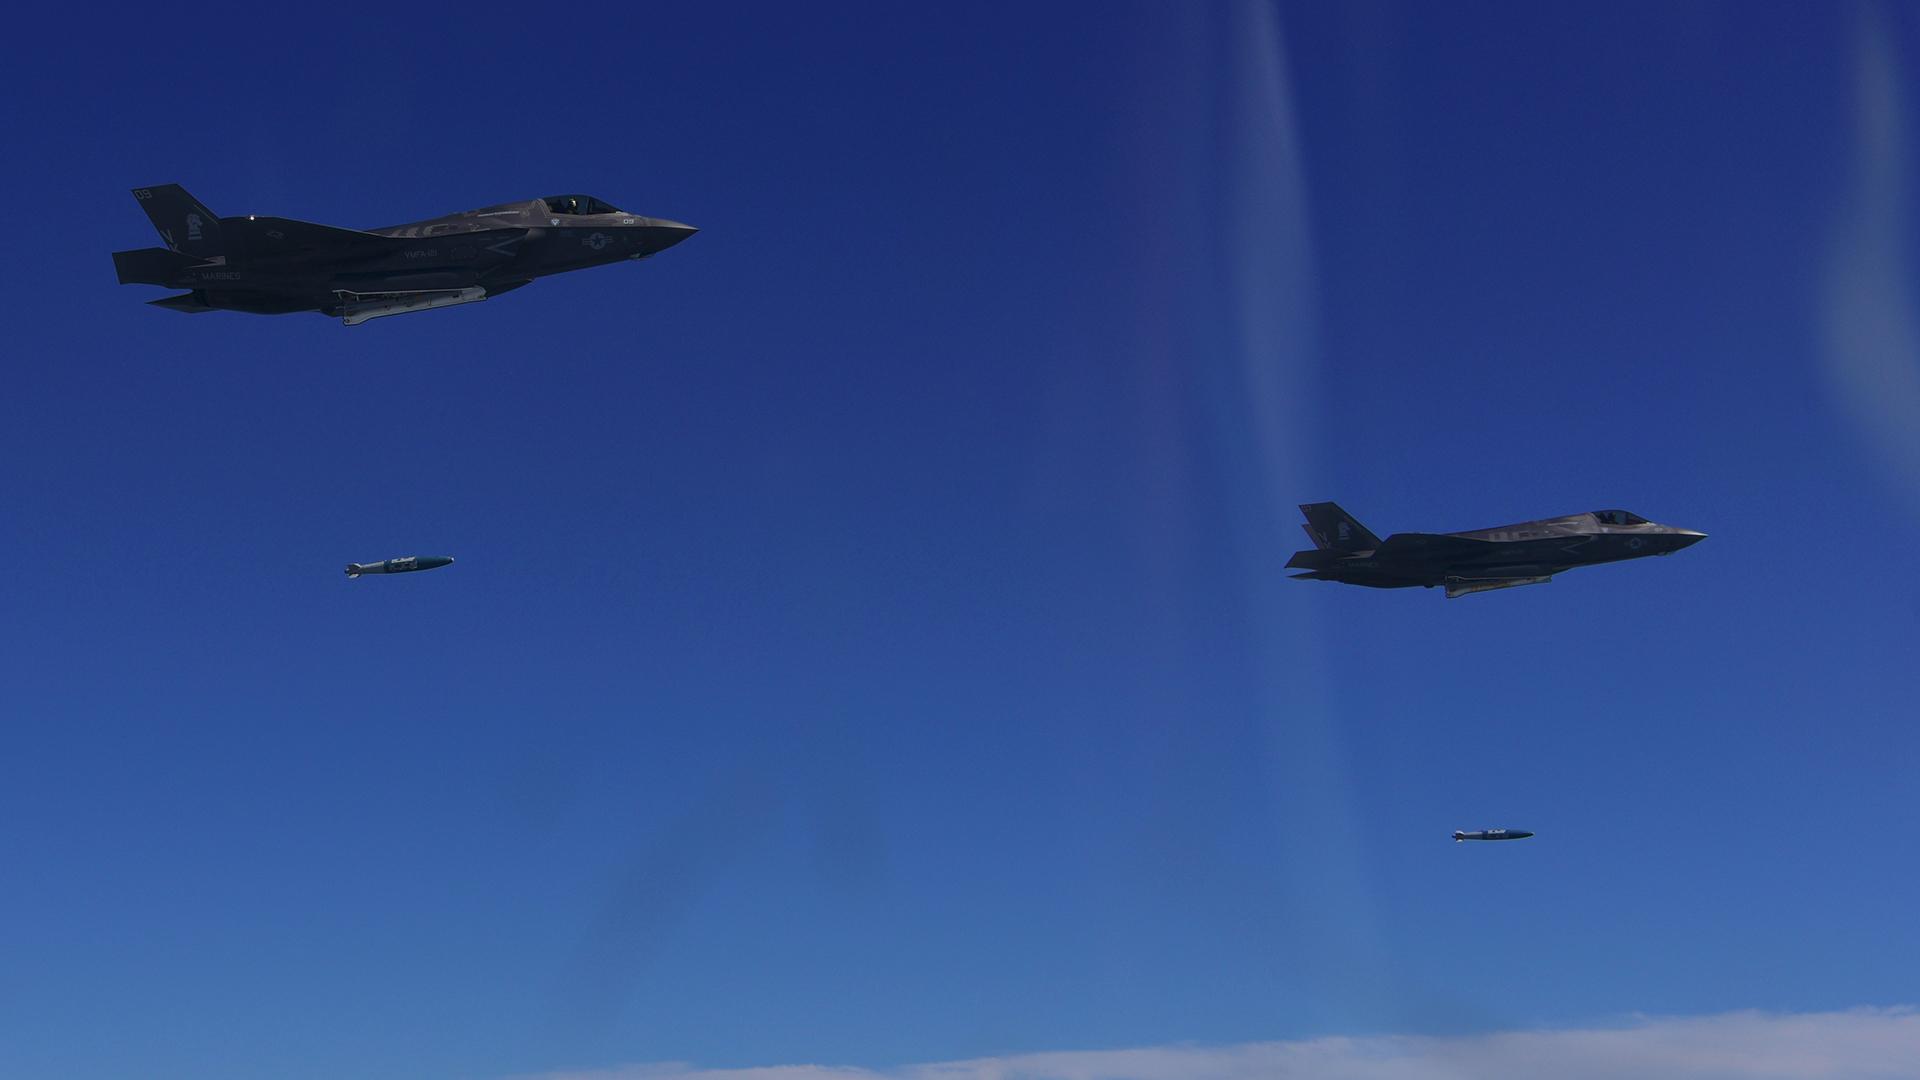 El caza furtivo F-35B es una de las aeronaves más avanzadas del arsenal estadounidense y del mundo. Participaron del ejercicio desde sus bases en Japón (AFP)